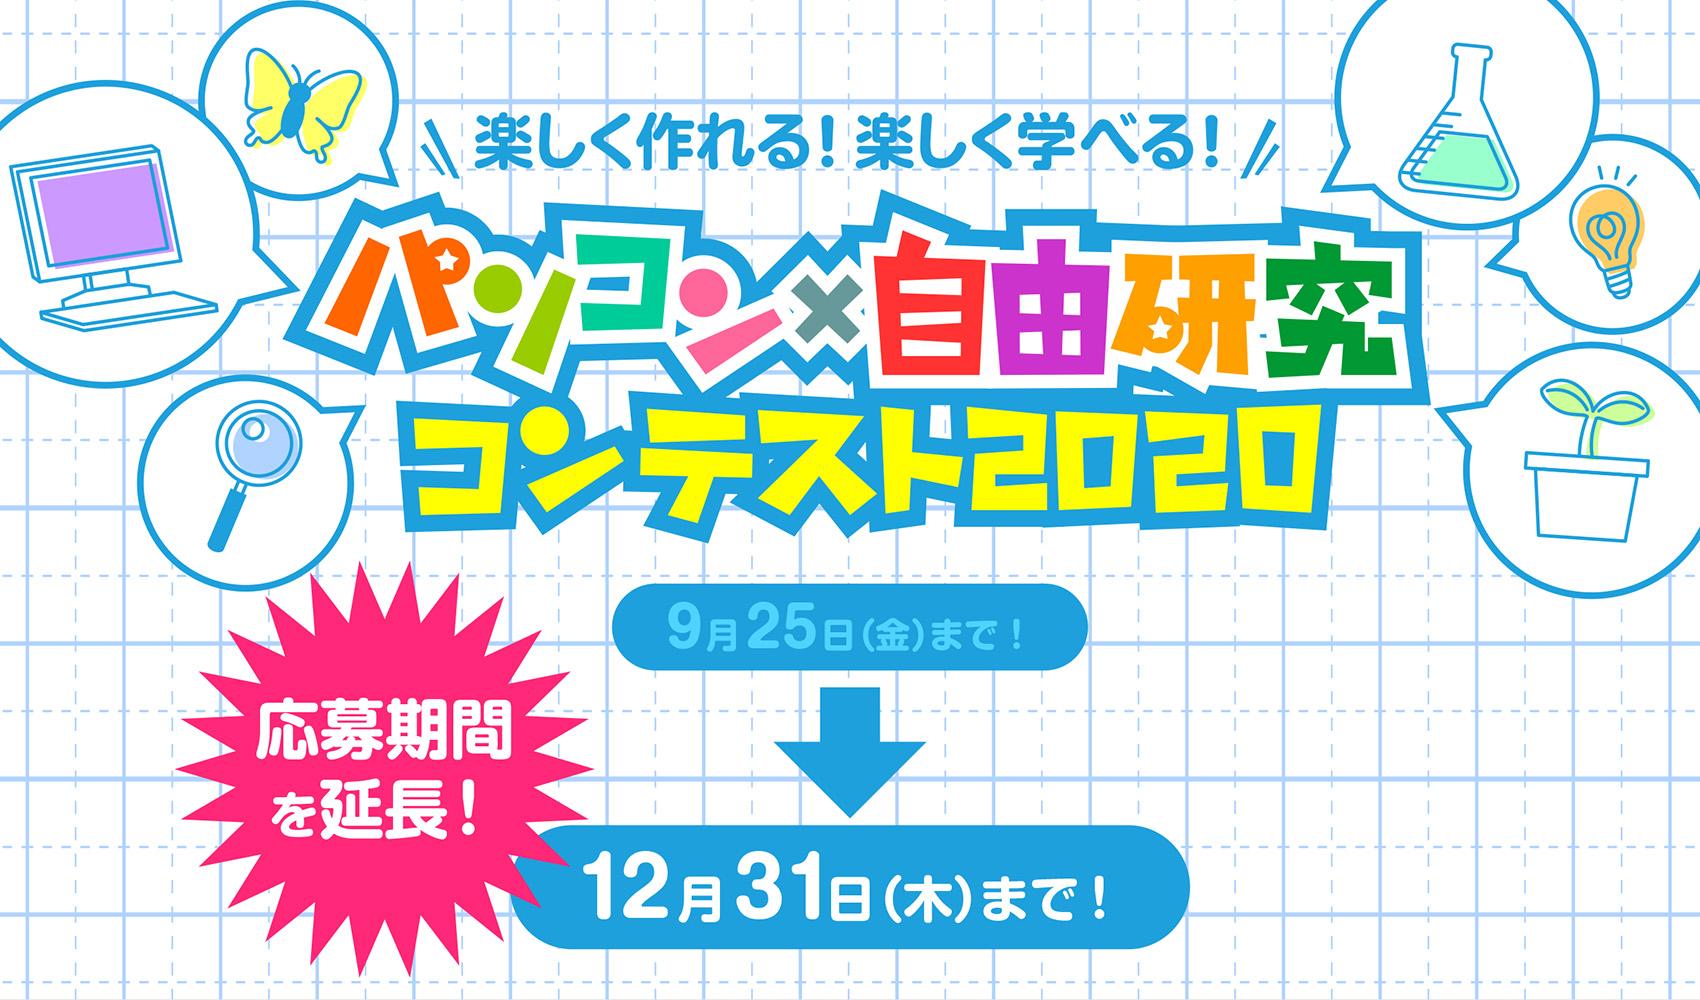 パソコン×自由研究コンテスト2020